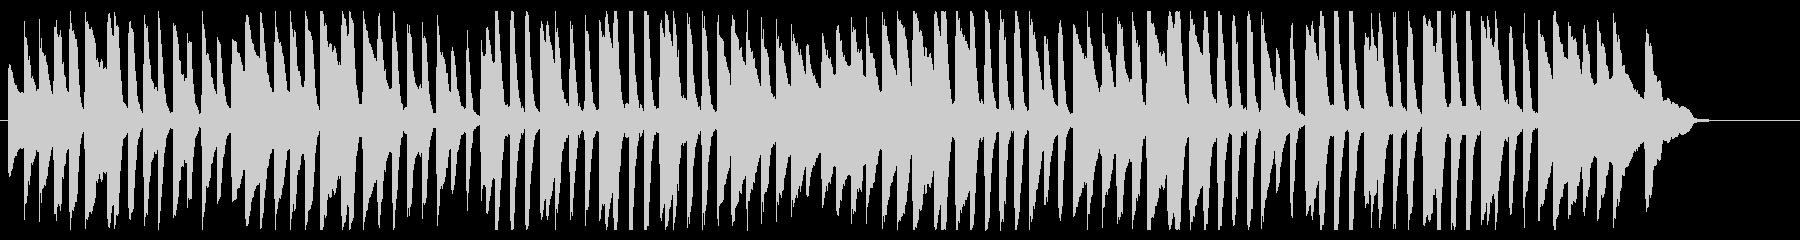 山の音楽家 ピアノver.の未再生の波形